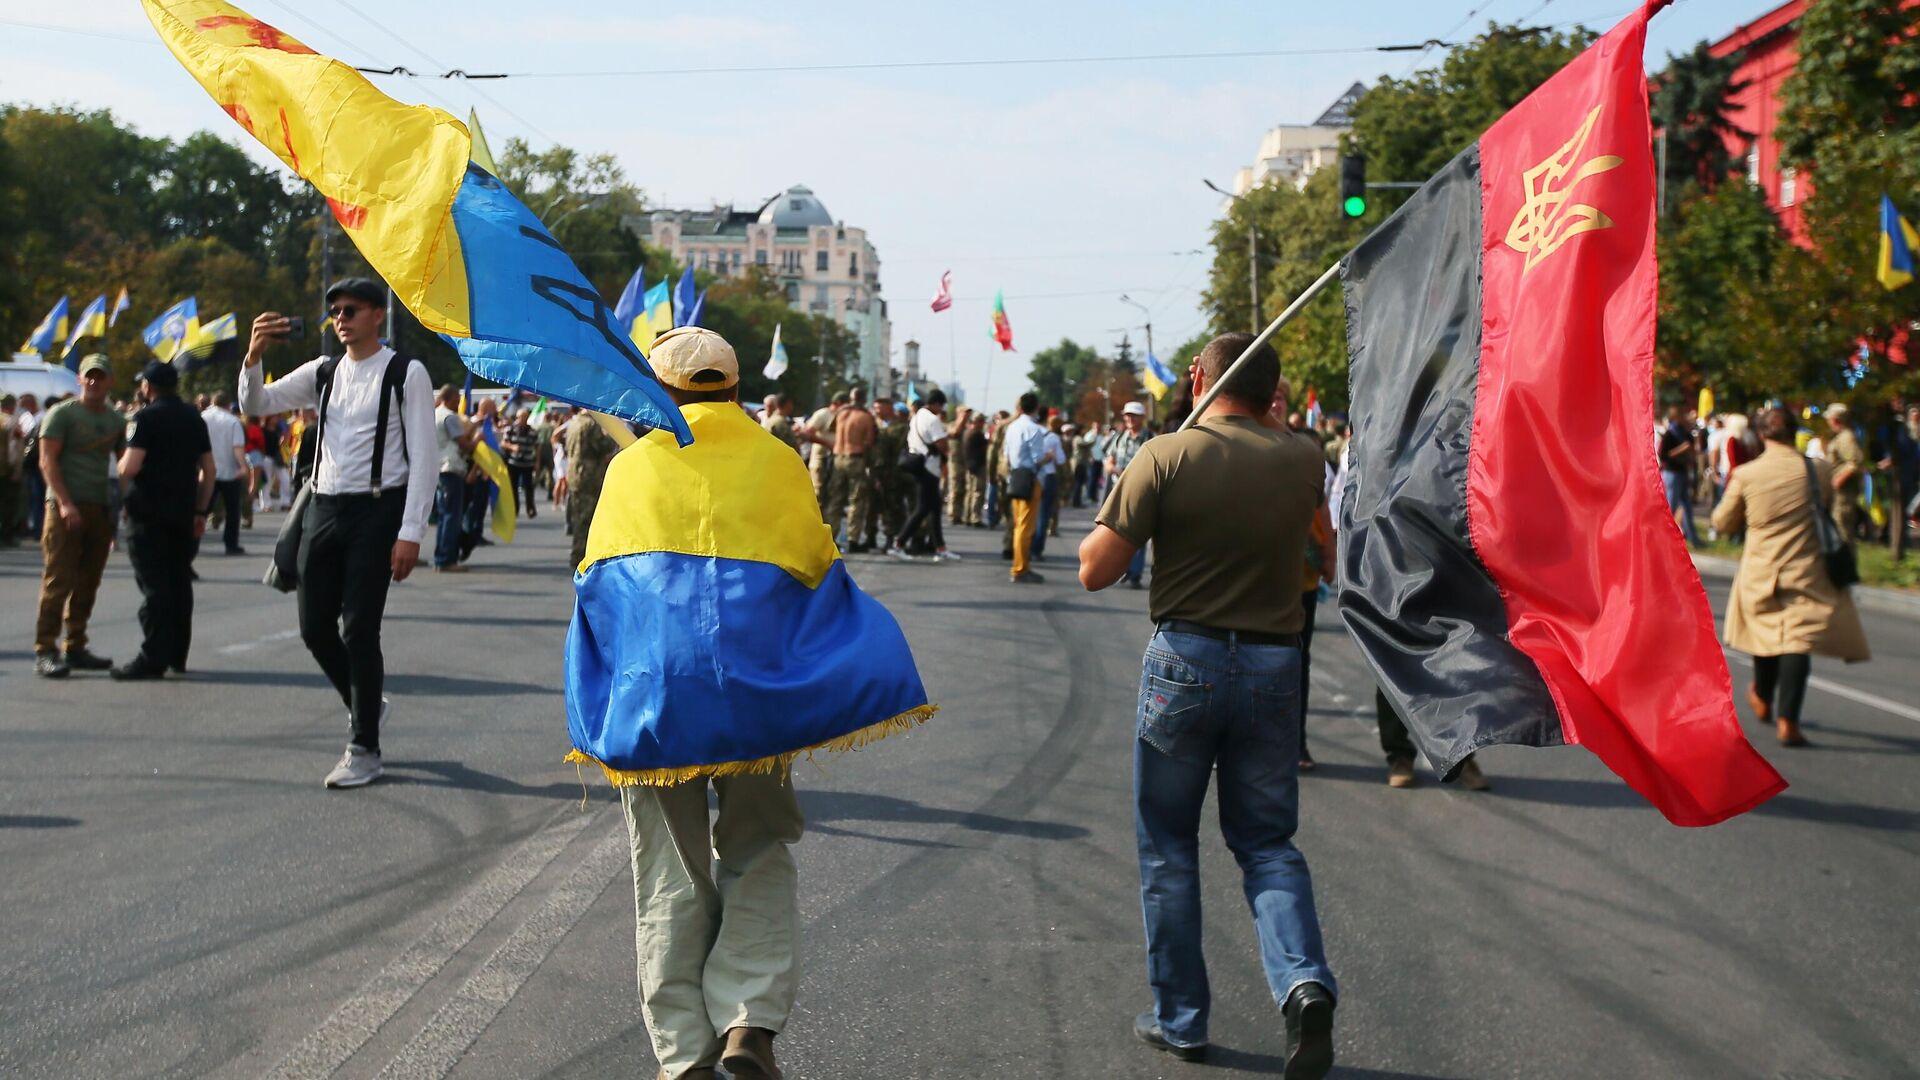 Участники Марша защитников Украины во время акции в рамках празднования Дня независимости страны в Киеве - РИА Новости, 1920, 01.09.2020